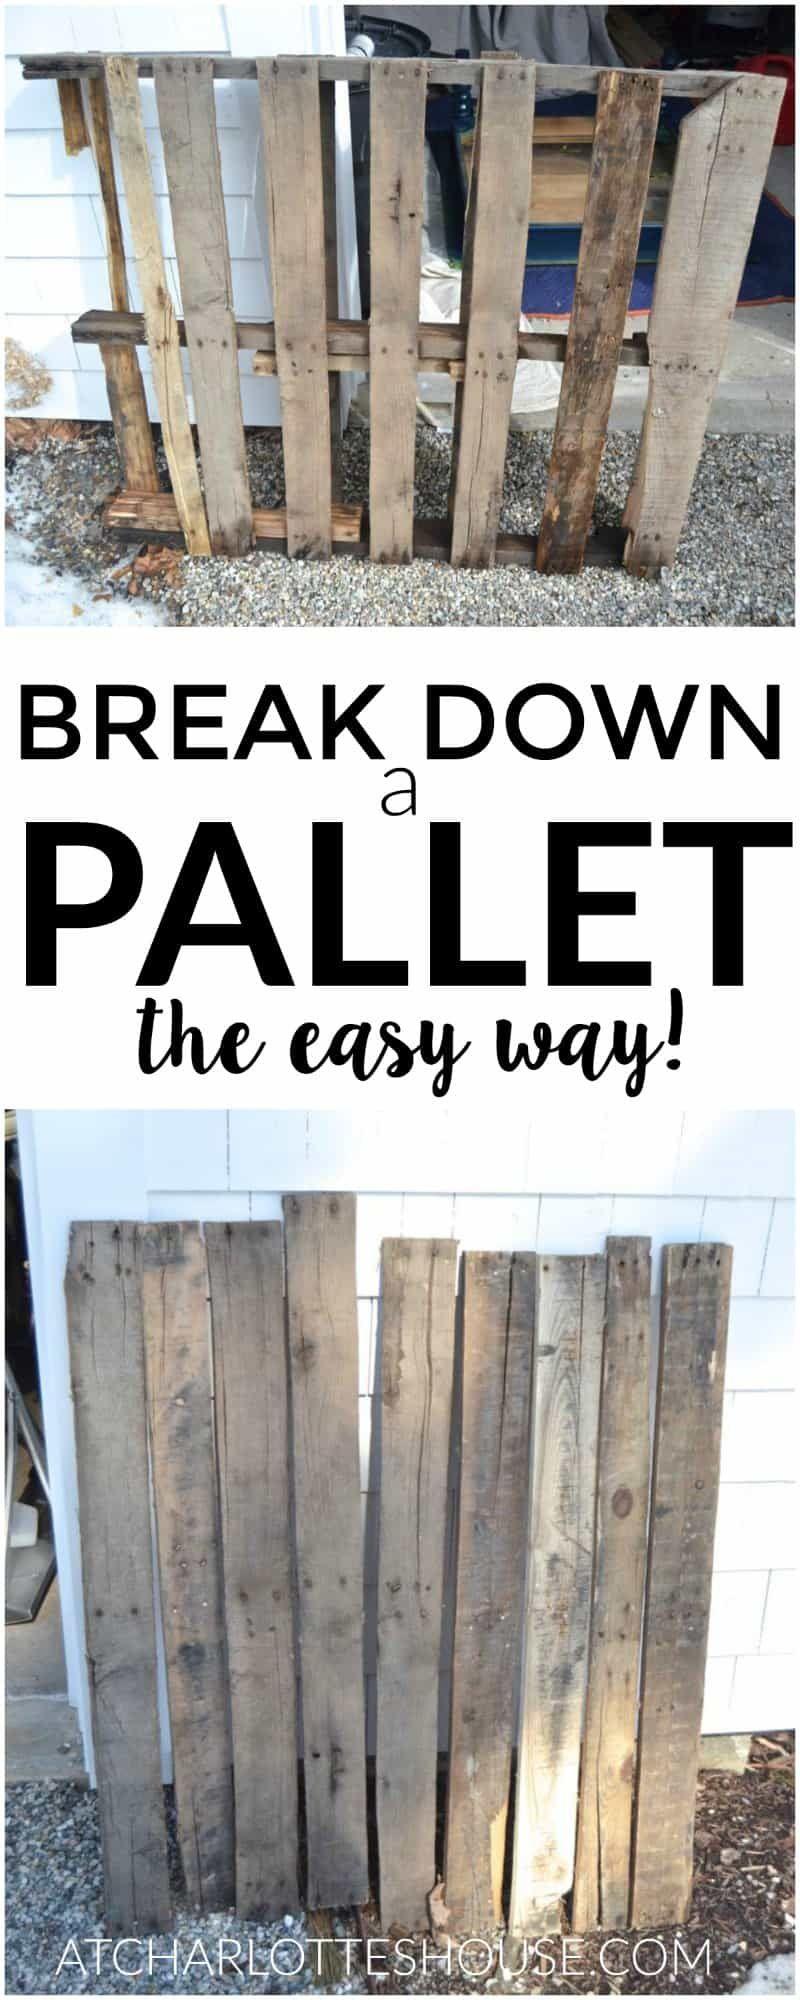 Pallet Break Down